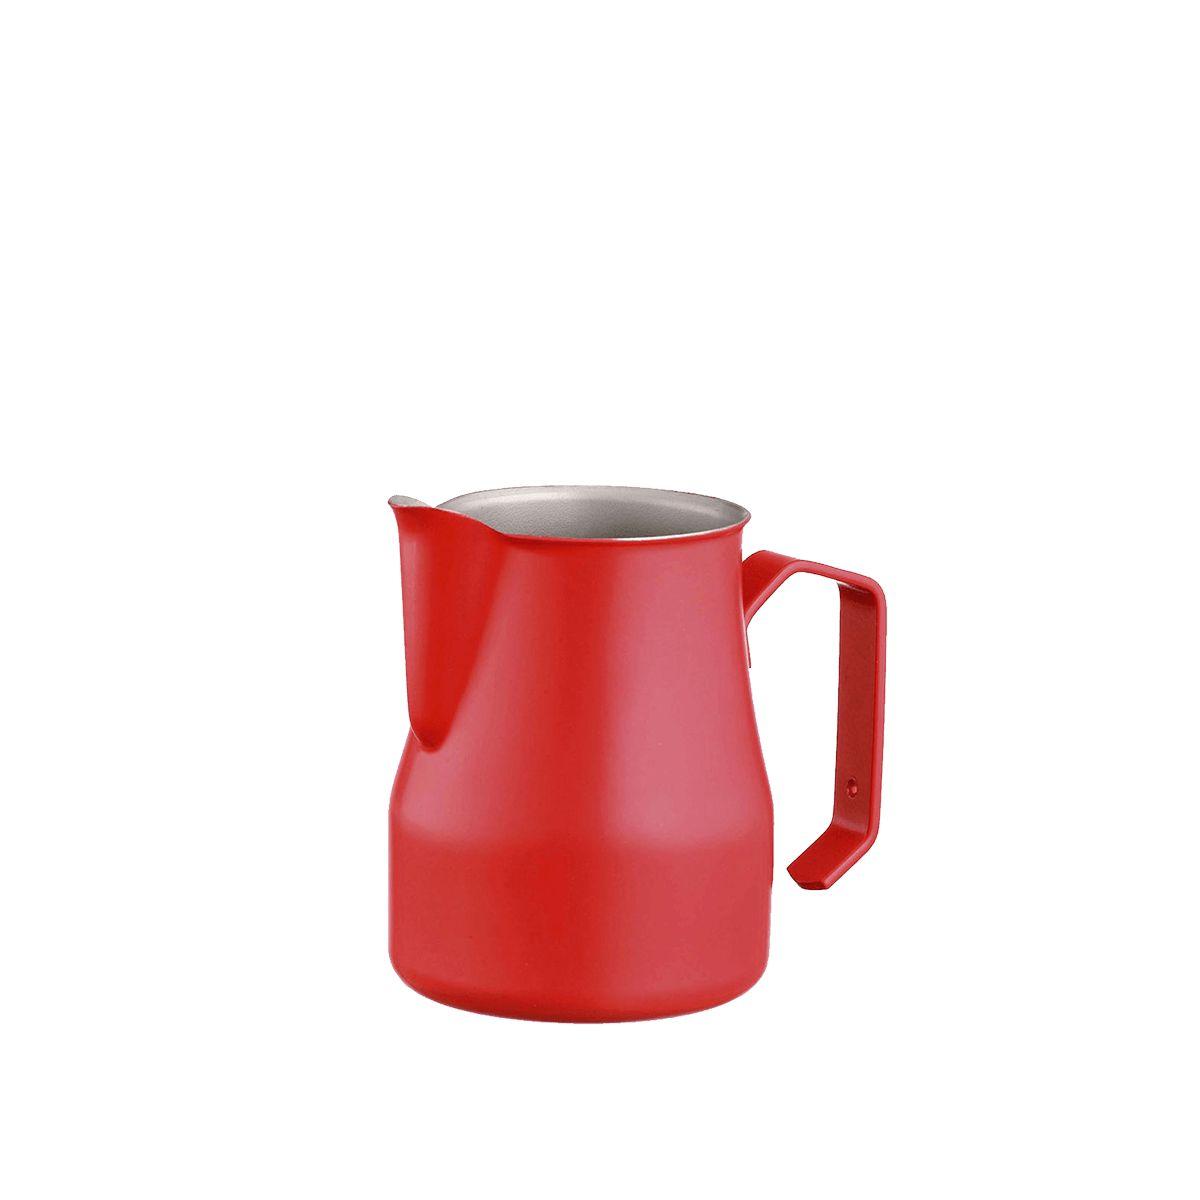 Pichet à lait en téflon – Motta – Rouge